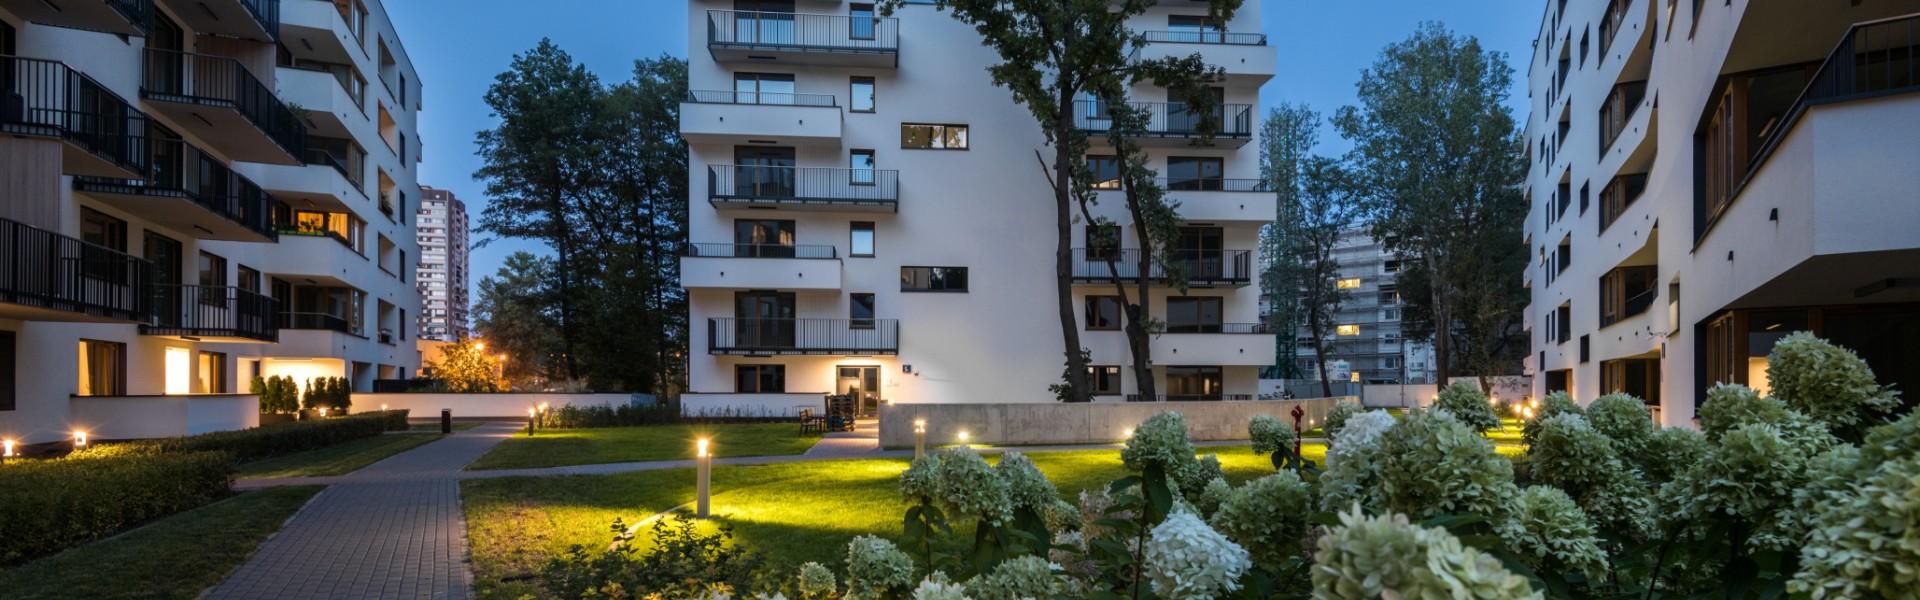 Osiedle Mickiewicza - spokojne osiedle w Warszawie